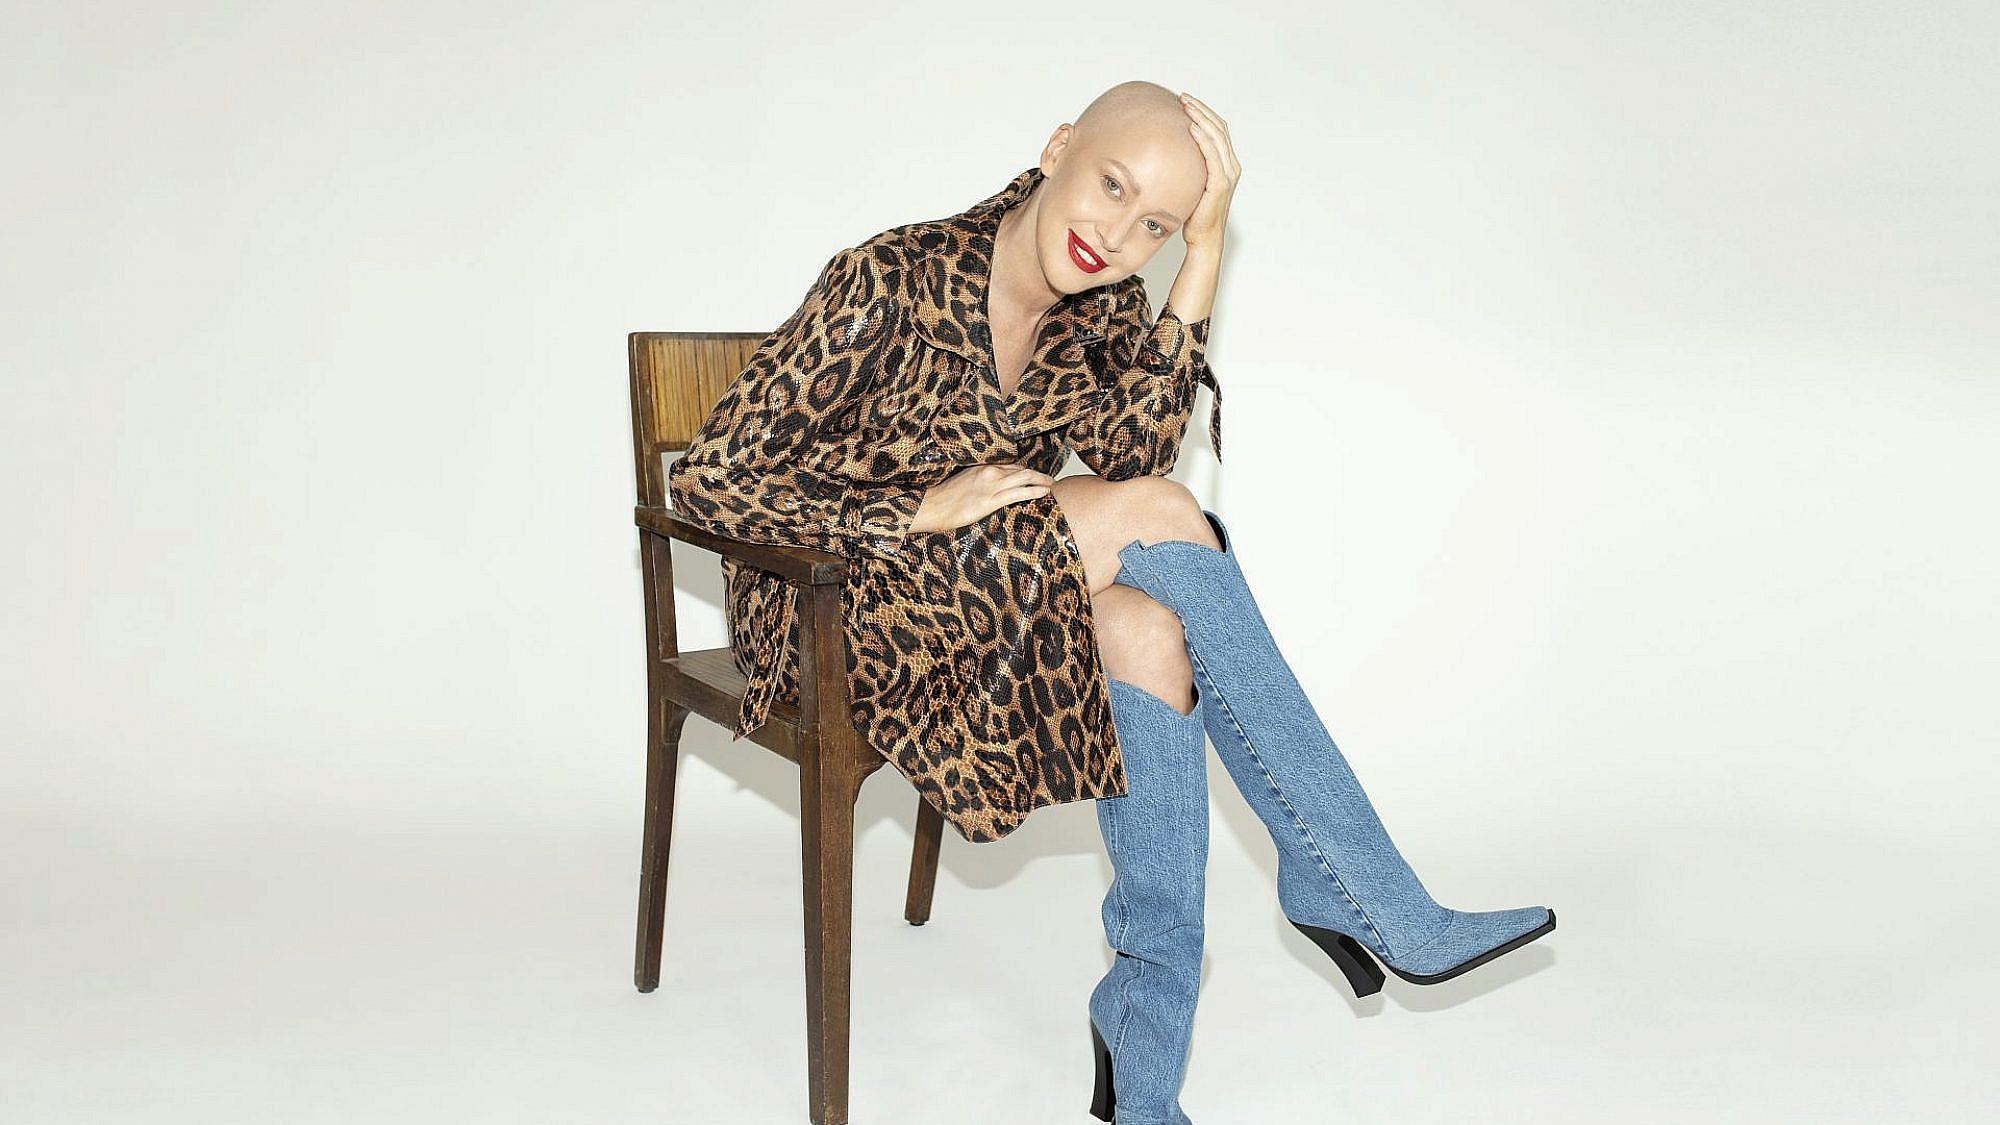 מירית גרינברג | צילום: זהר שטרית, סטיילינג: שי לי ניסים, מעיל: מאיה נגרי, מגפיים: טום פורד לבוטיק אניגמה